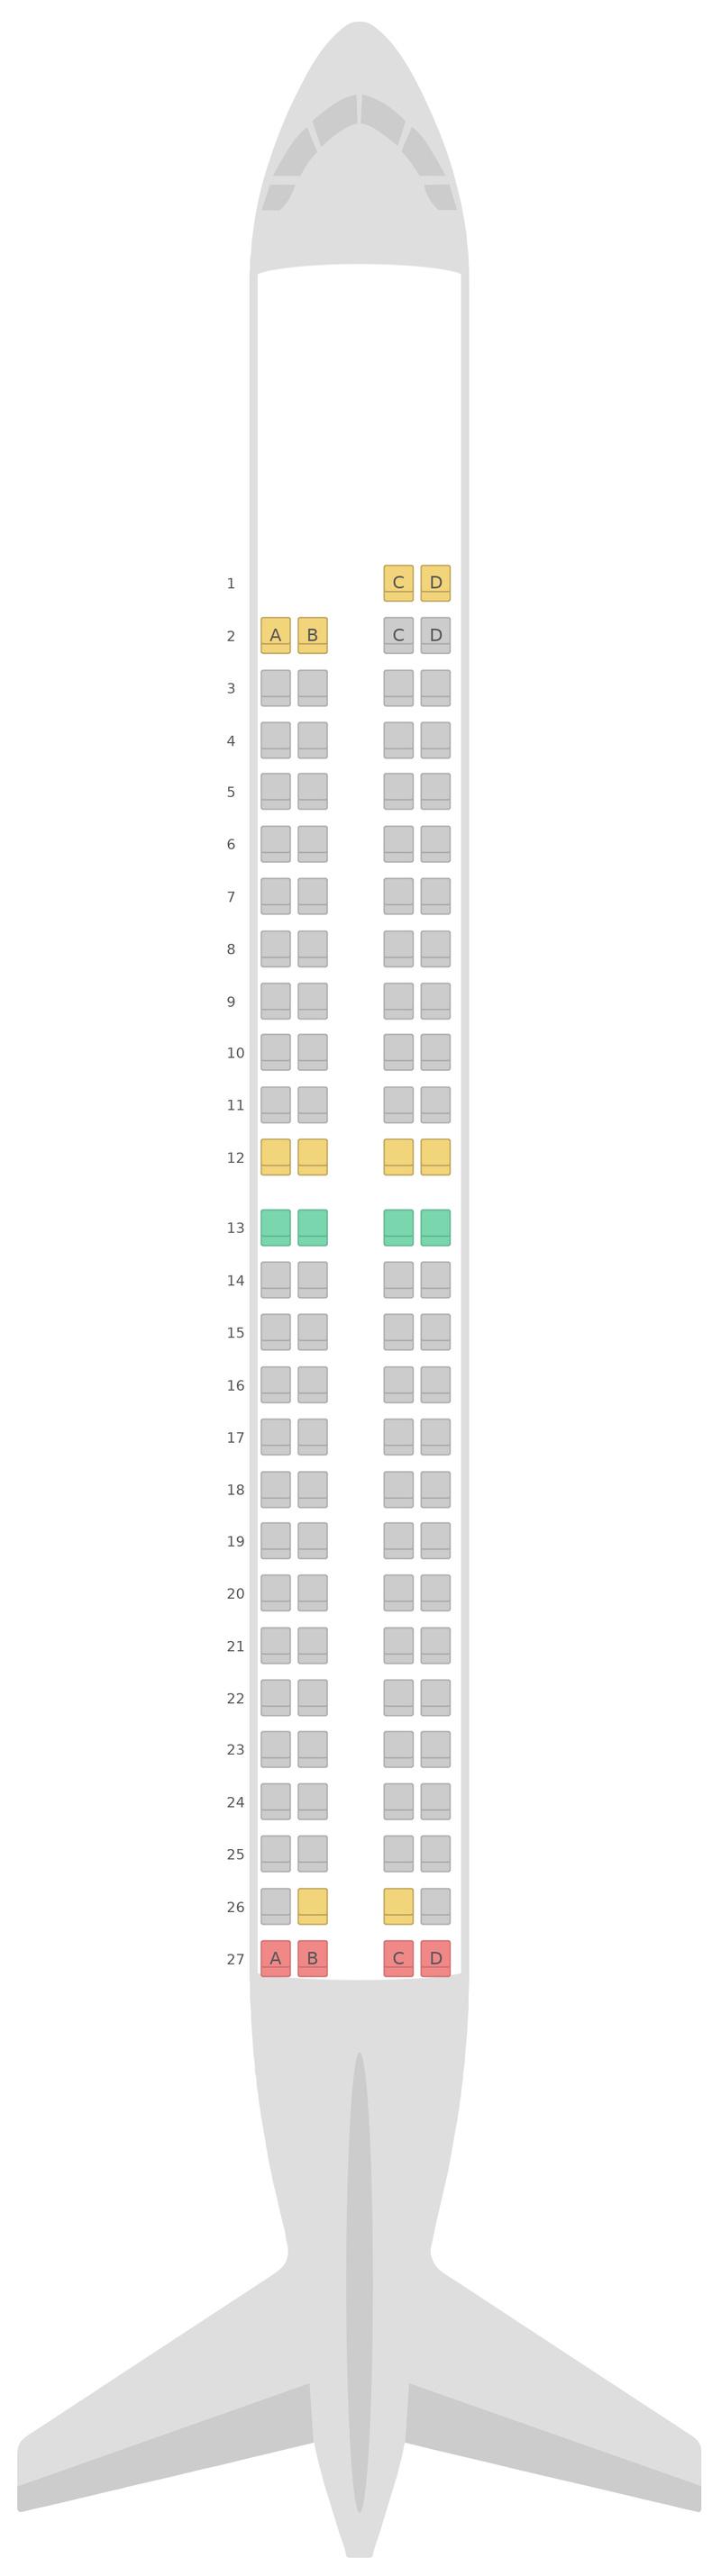 Sitzplan Embraer E190 (E90) Azul Airlines